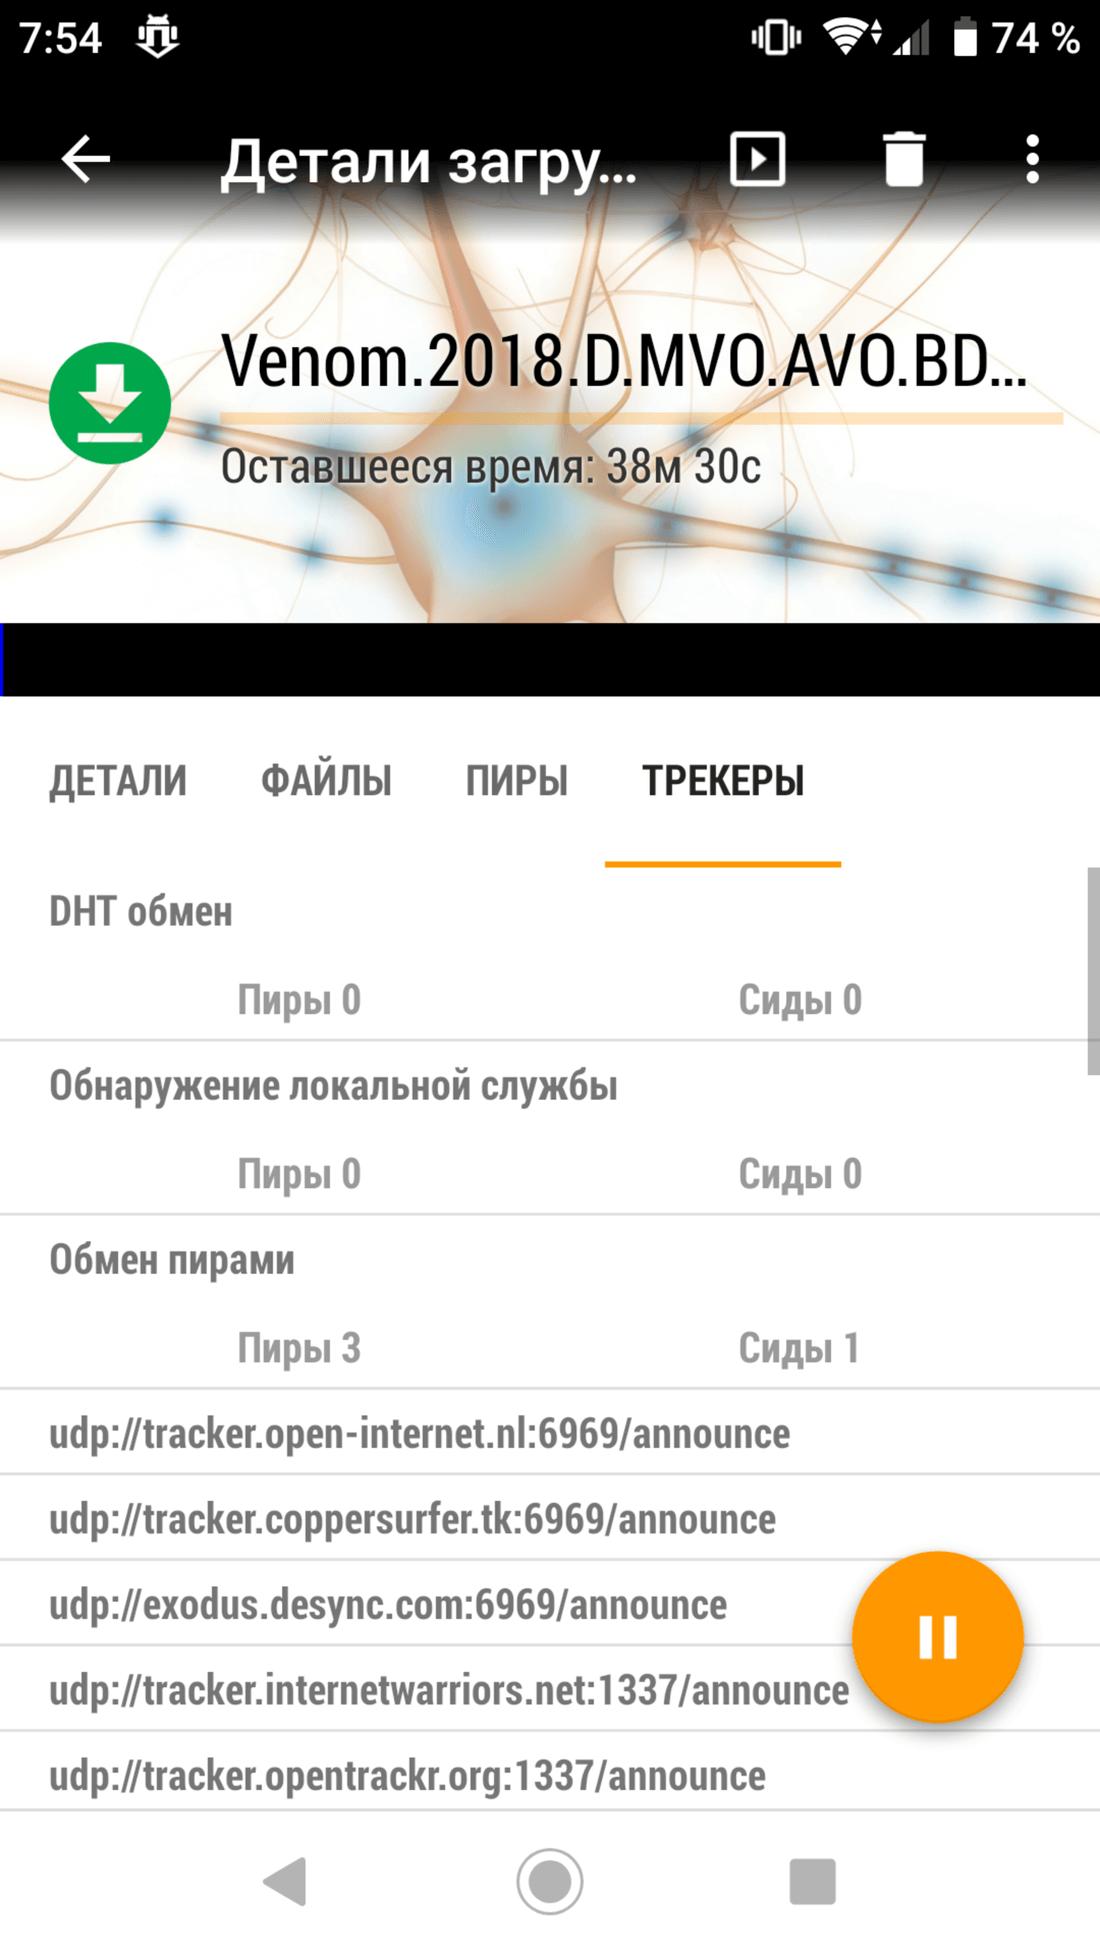 Скриншот #5 из программы aTorrent - torrent downloader